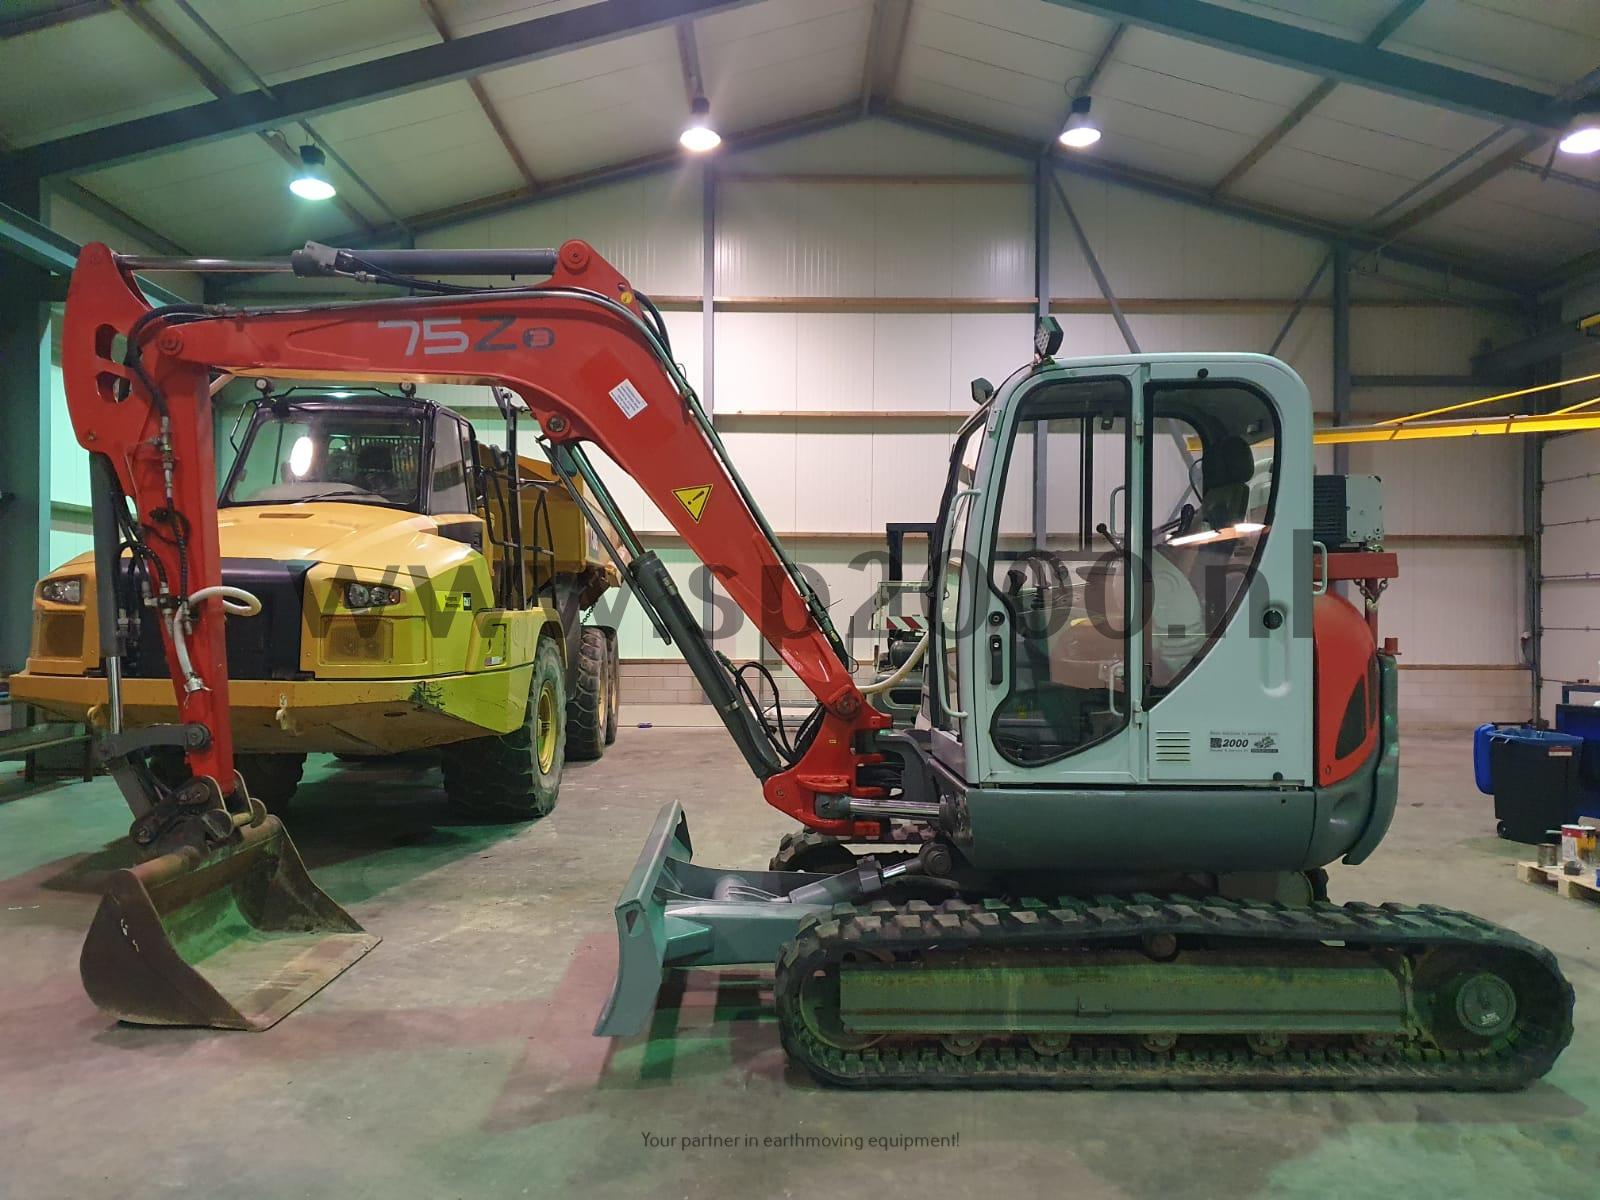 Neuson 75Z3 RD track excavator